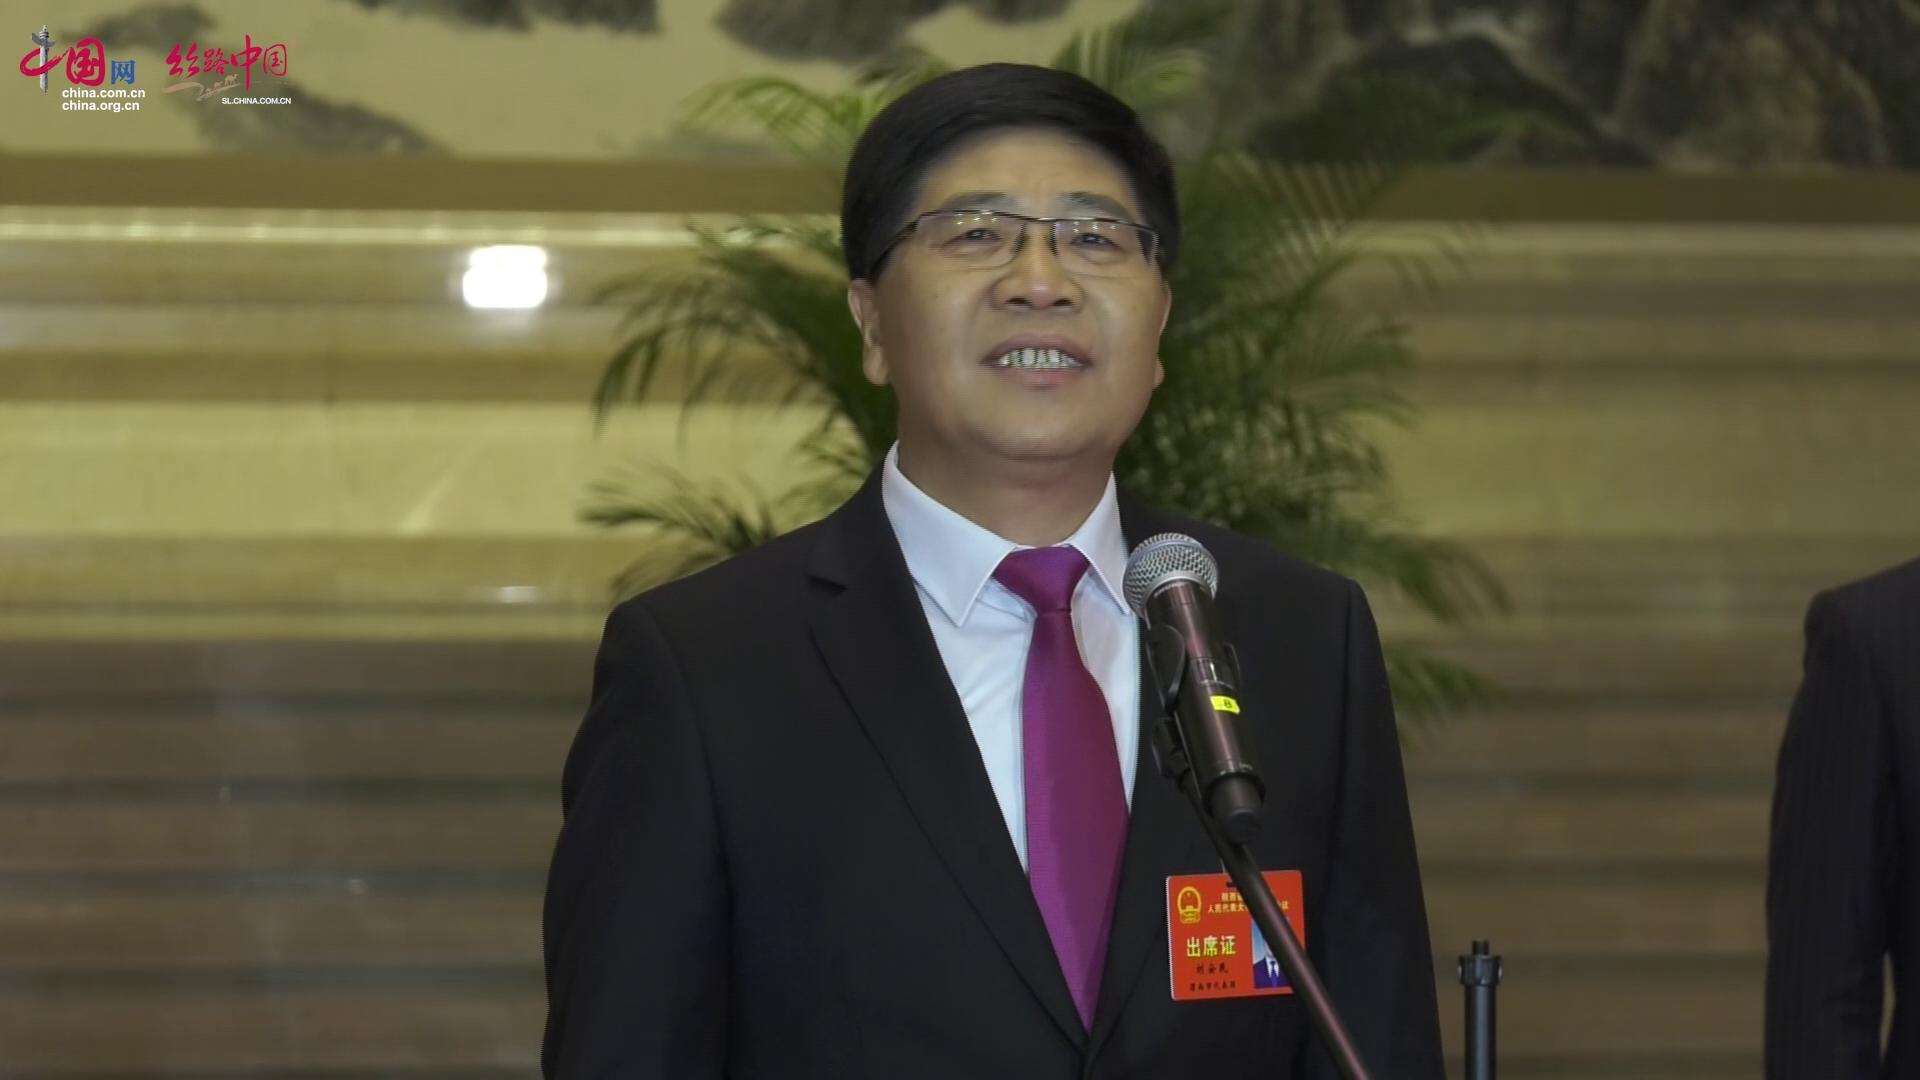 【视频】刘安民:国企高质量发展,更要践行社会责任